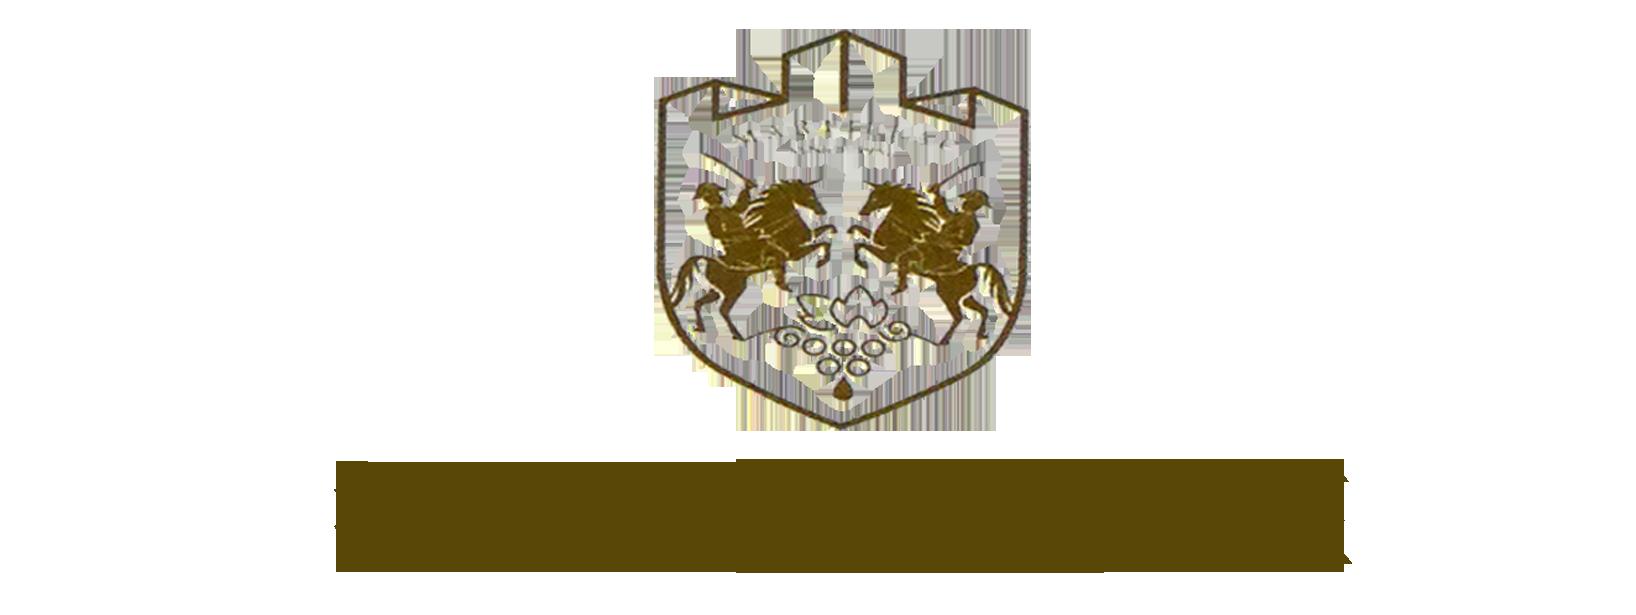 玛蒂亚克国际酒庄(烟台)有限公司